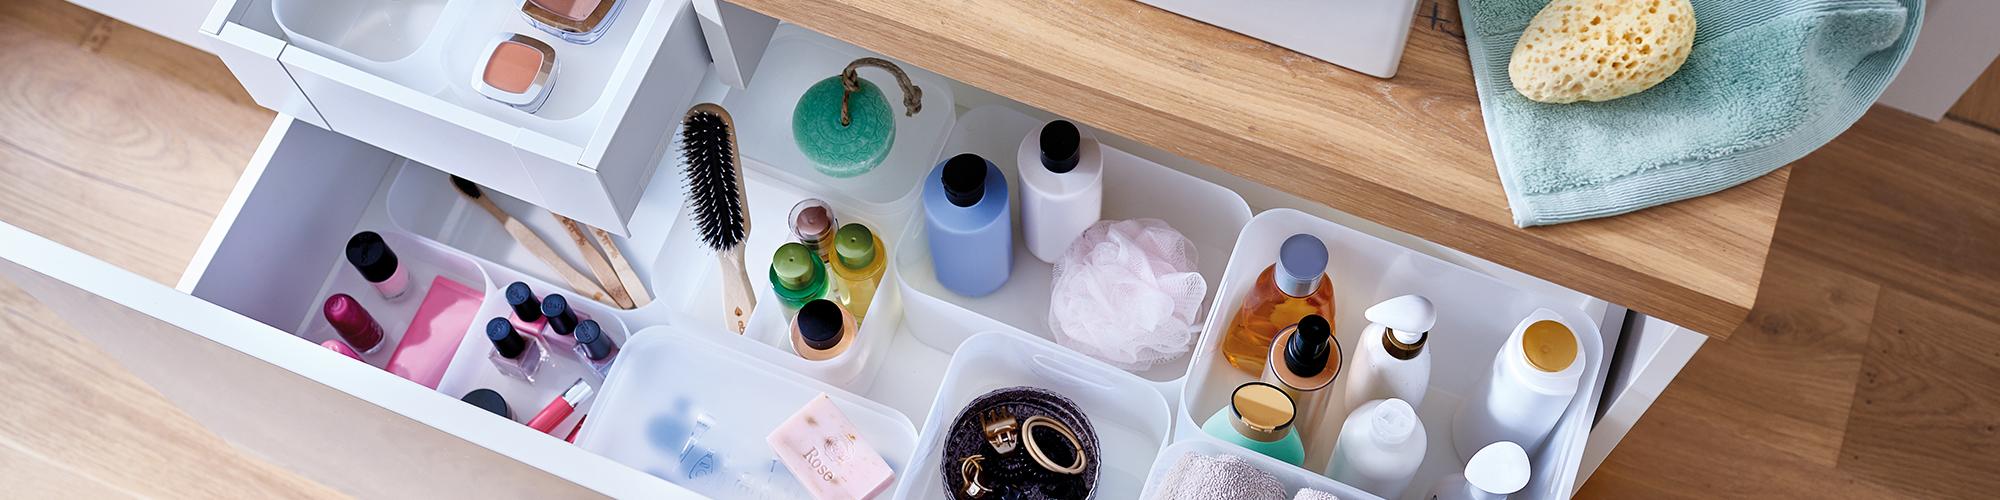 Für jeden Gegenstand den richtigen Platz finden und optische Highlights im Badezimmer setzen.